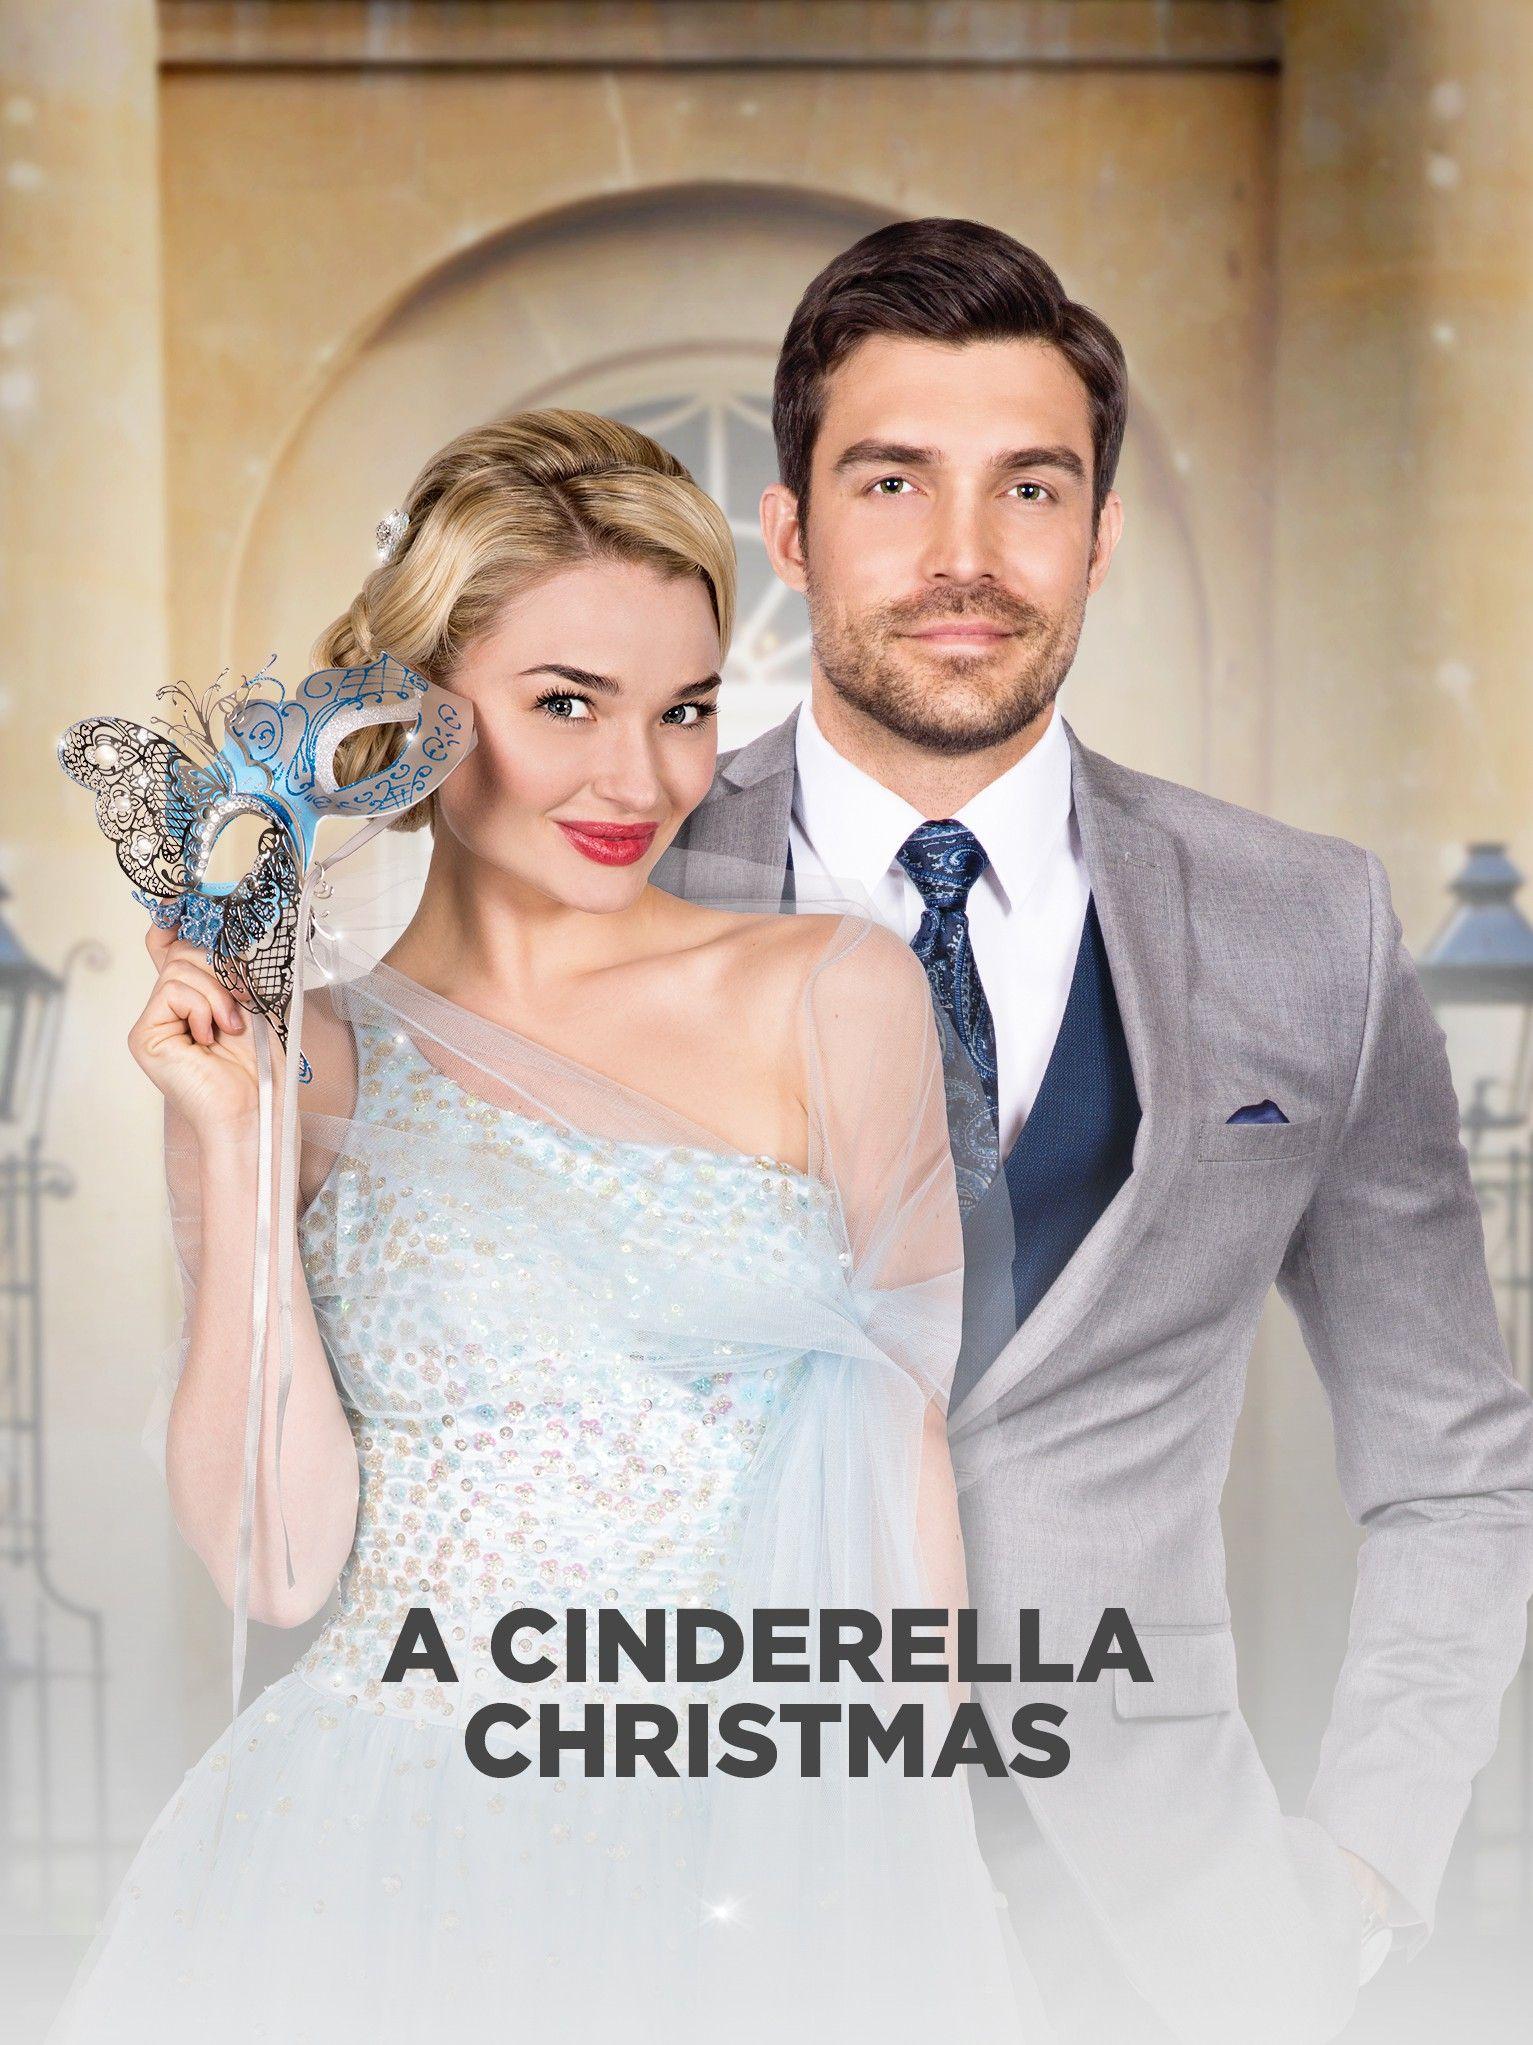 Un Noel De Cendrillon Girly Movies Christmas Movies Hallmark Christmas Movies